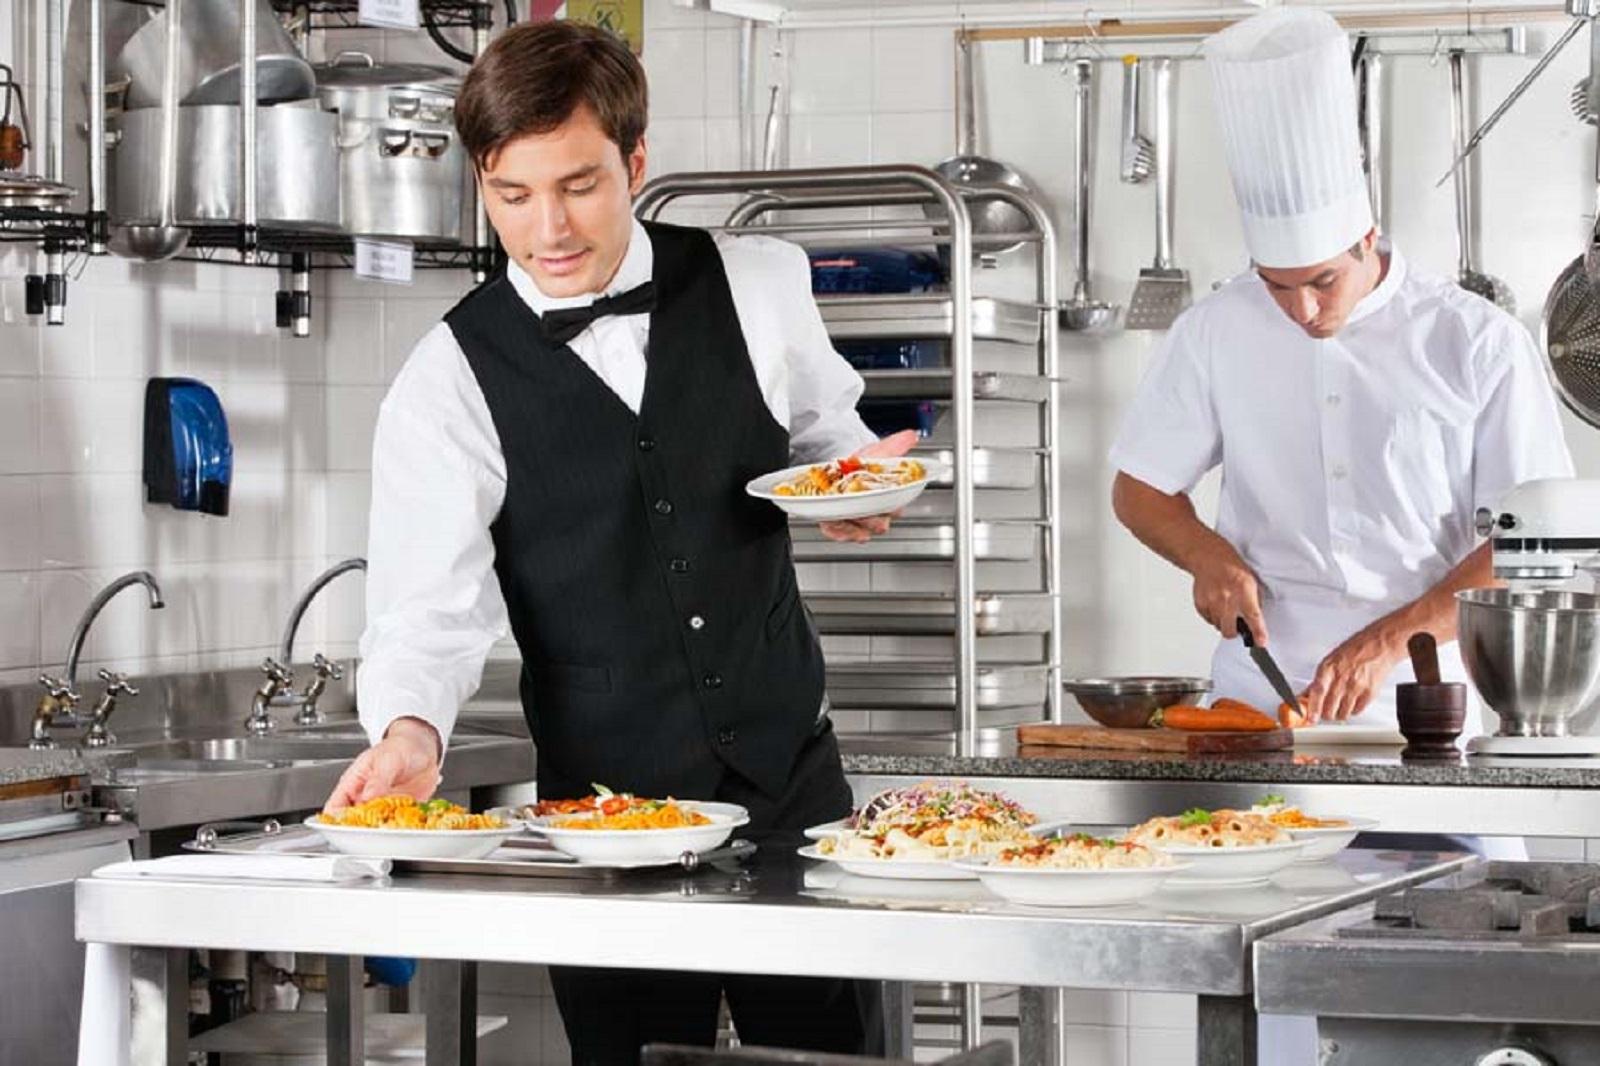 מפרט ידע בתחום מסעדנות